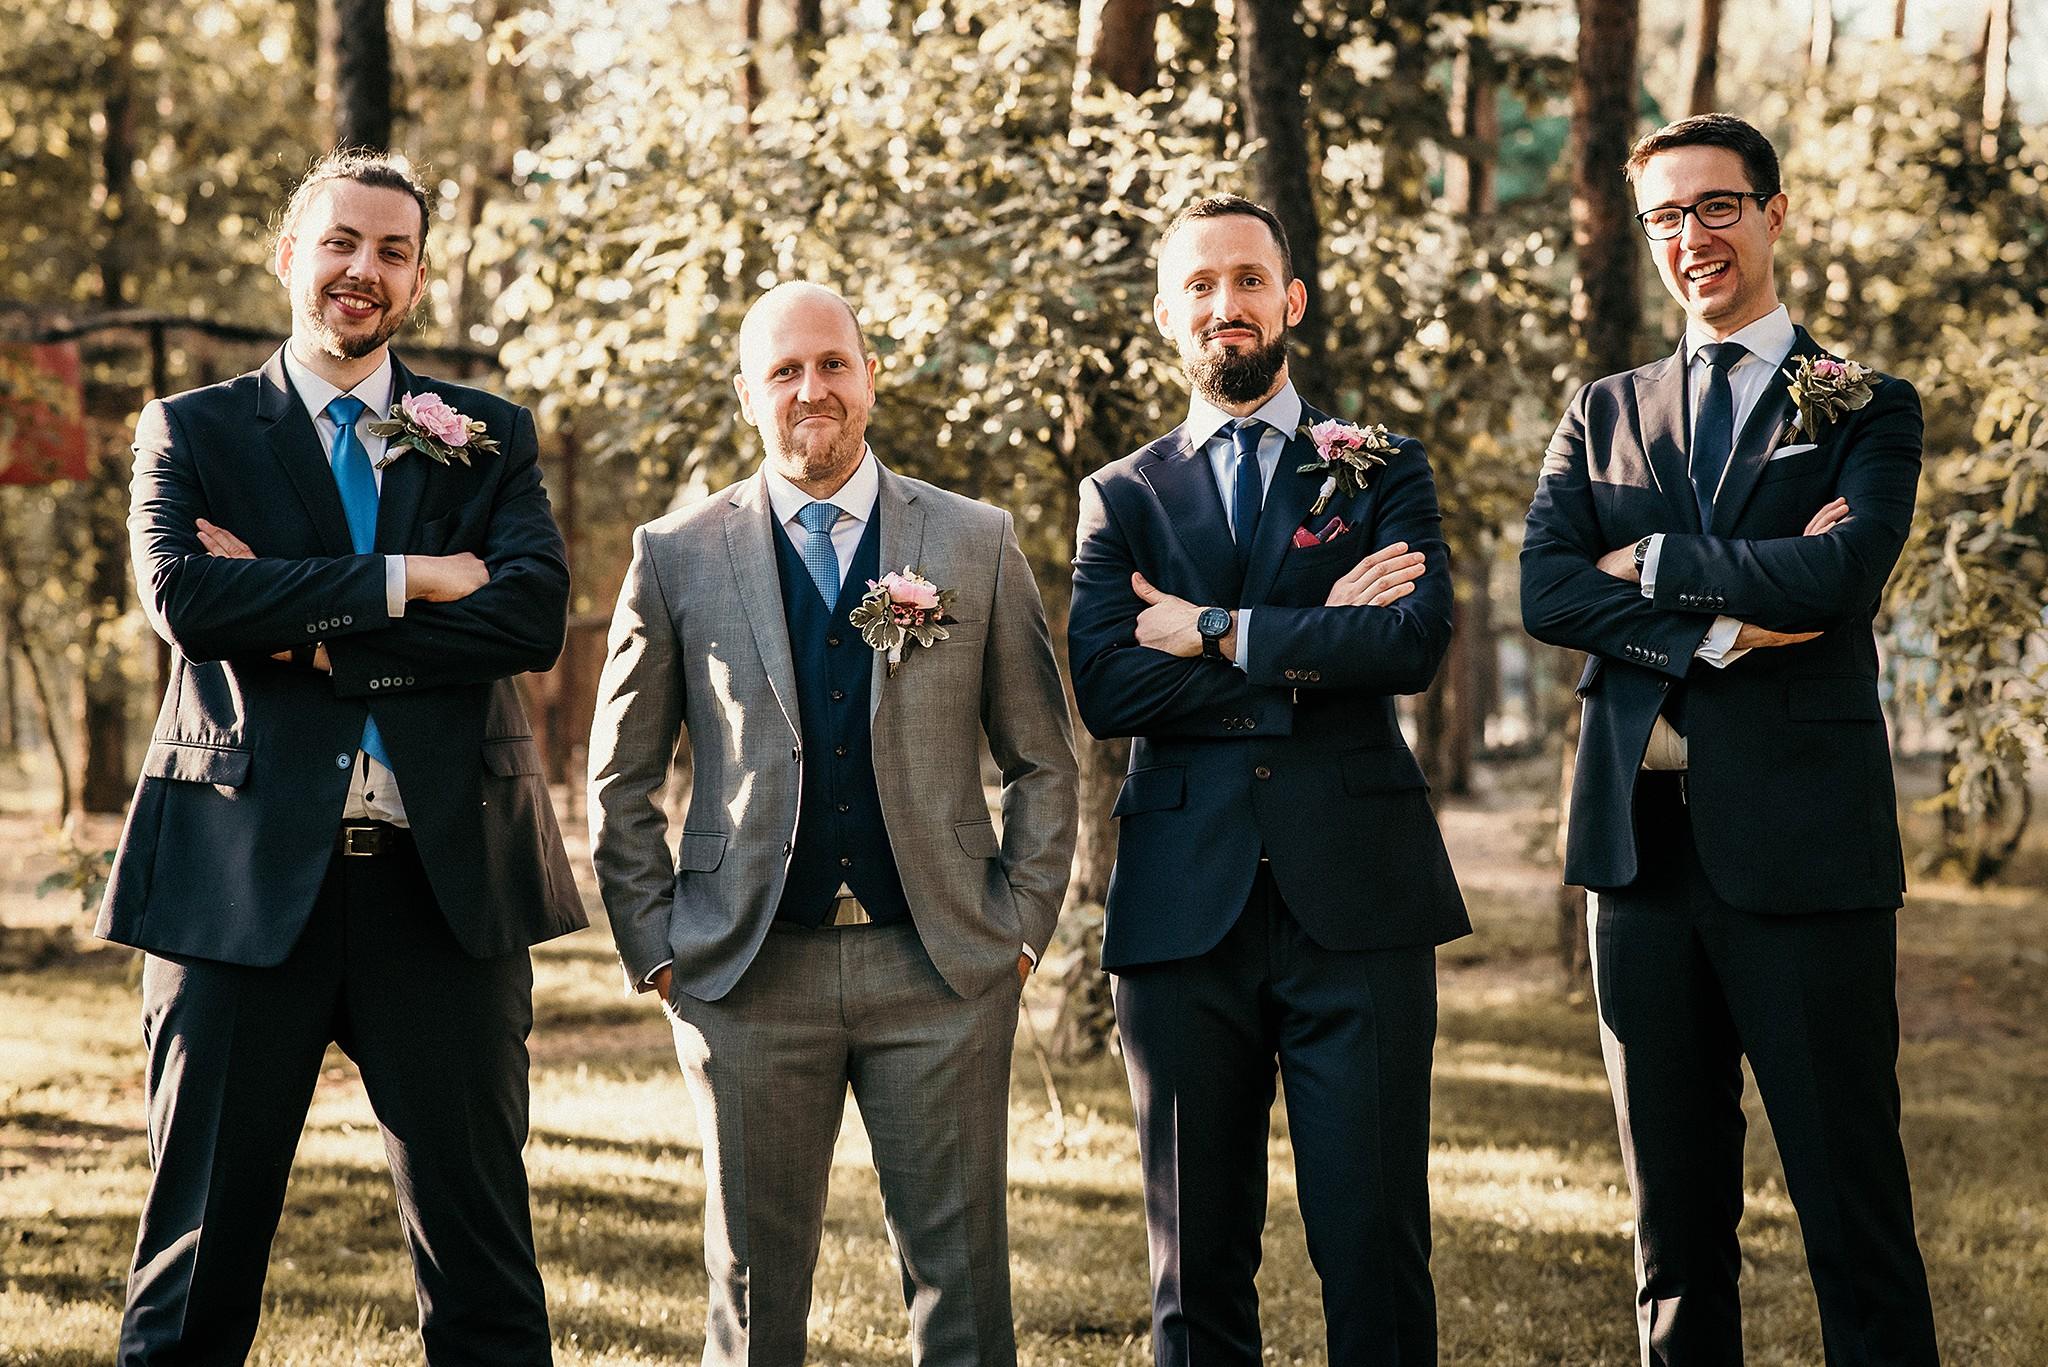 zdjęcia ślubne gosia pacuła